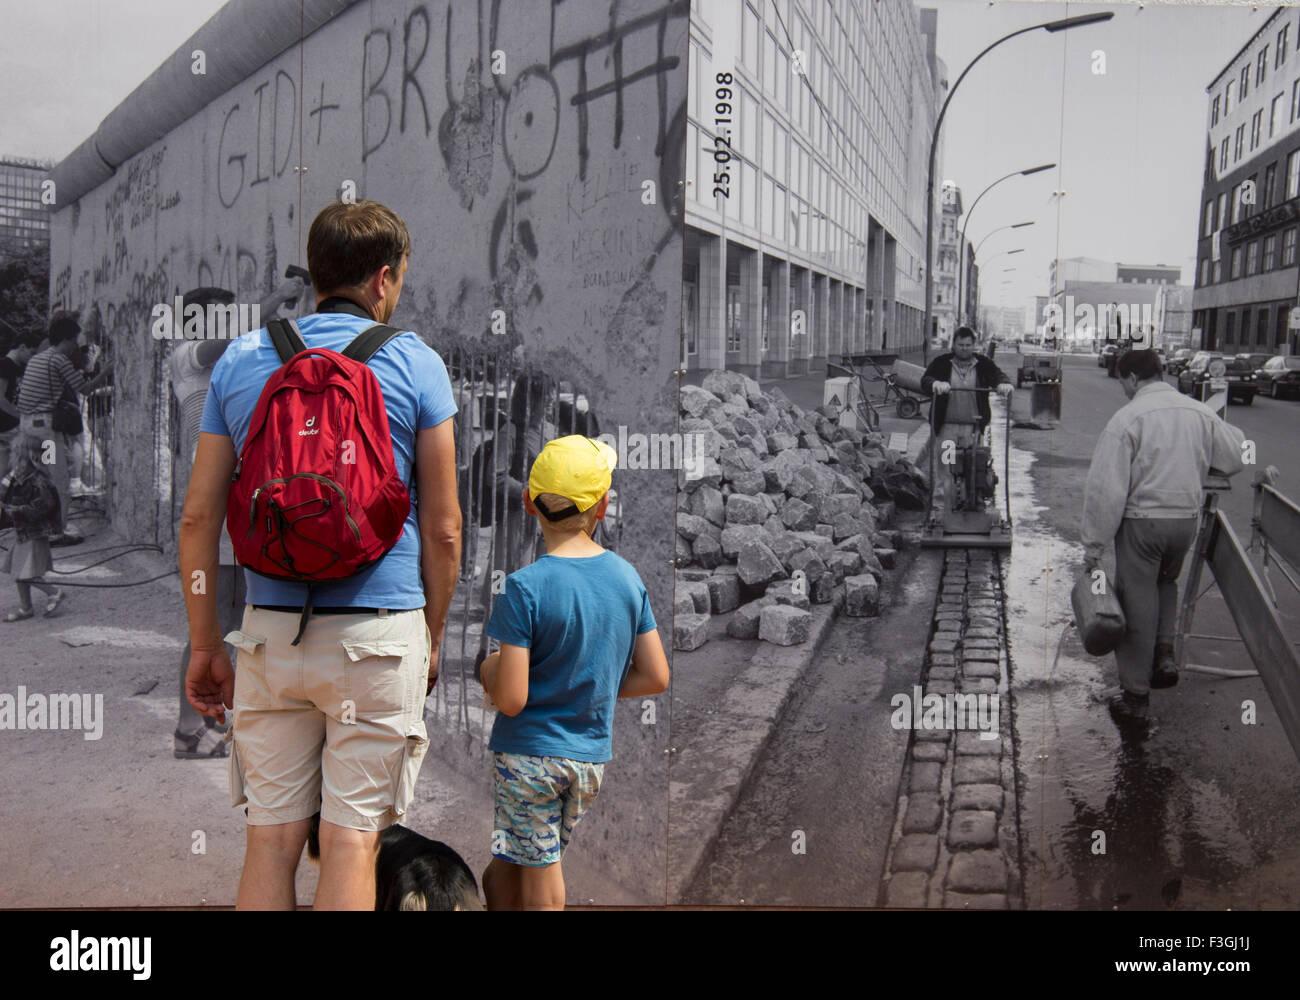 Mirando al pasado en el Checkpoint Charlie, en Berlín. Imagen De Stock